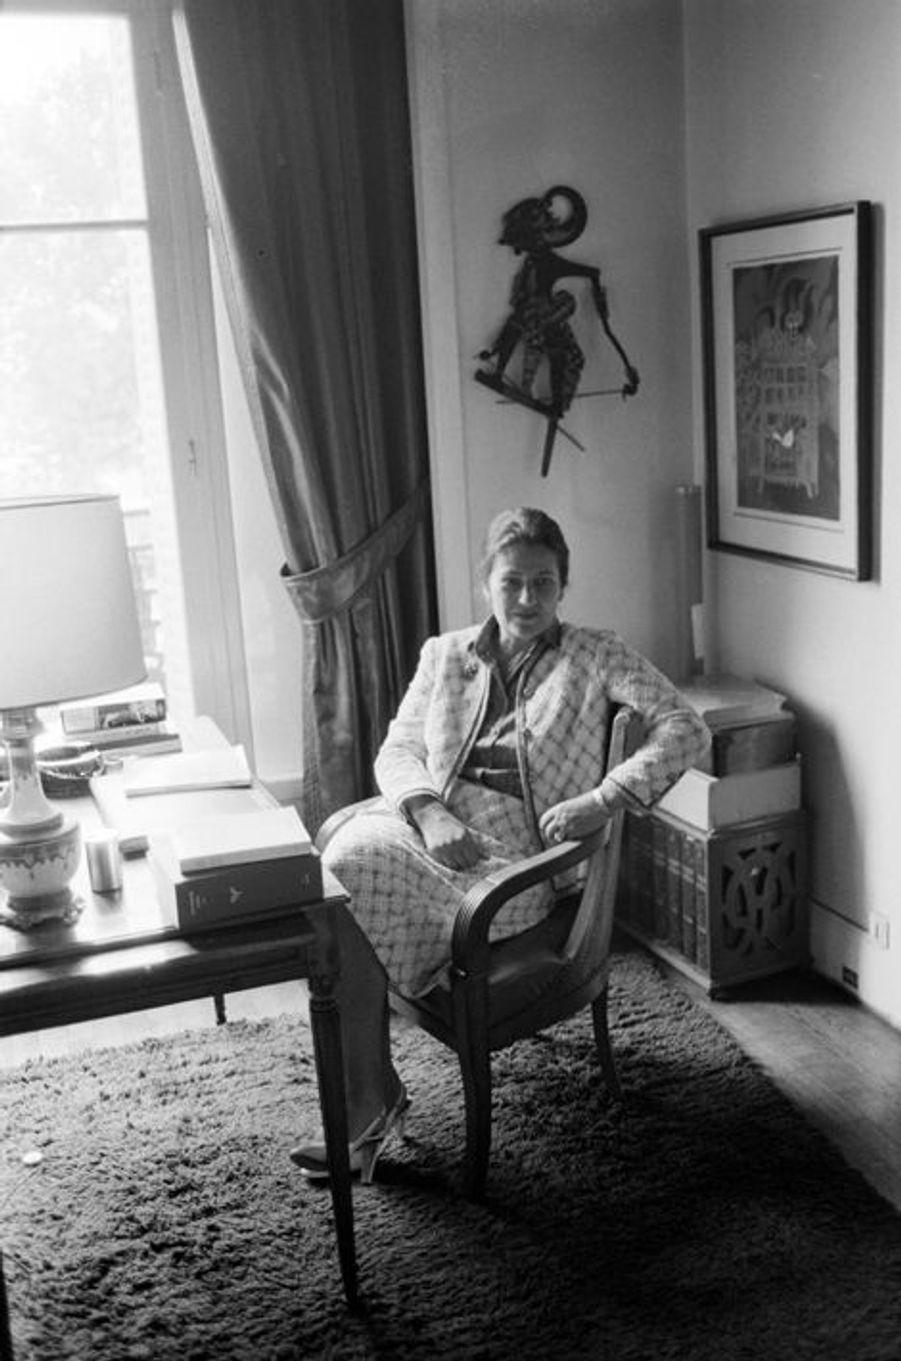 14 juillet 1979, Simone Veil assise chez elle. Elle s'apprête à prendre la présidence du Parlement européen.